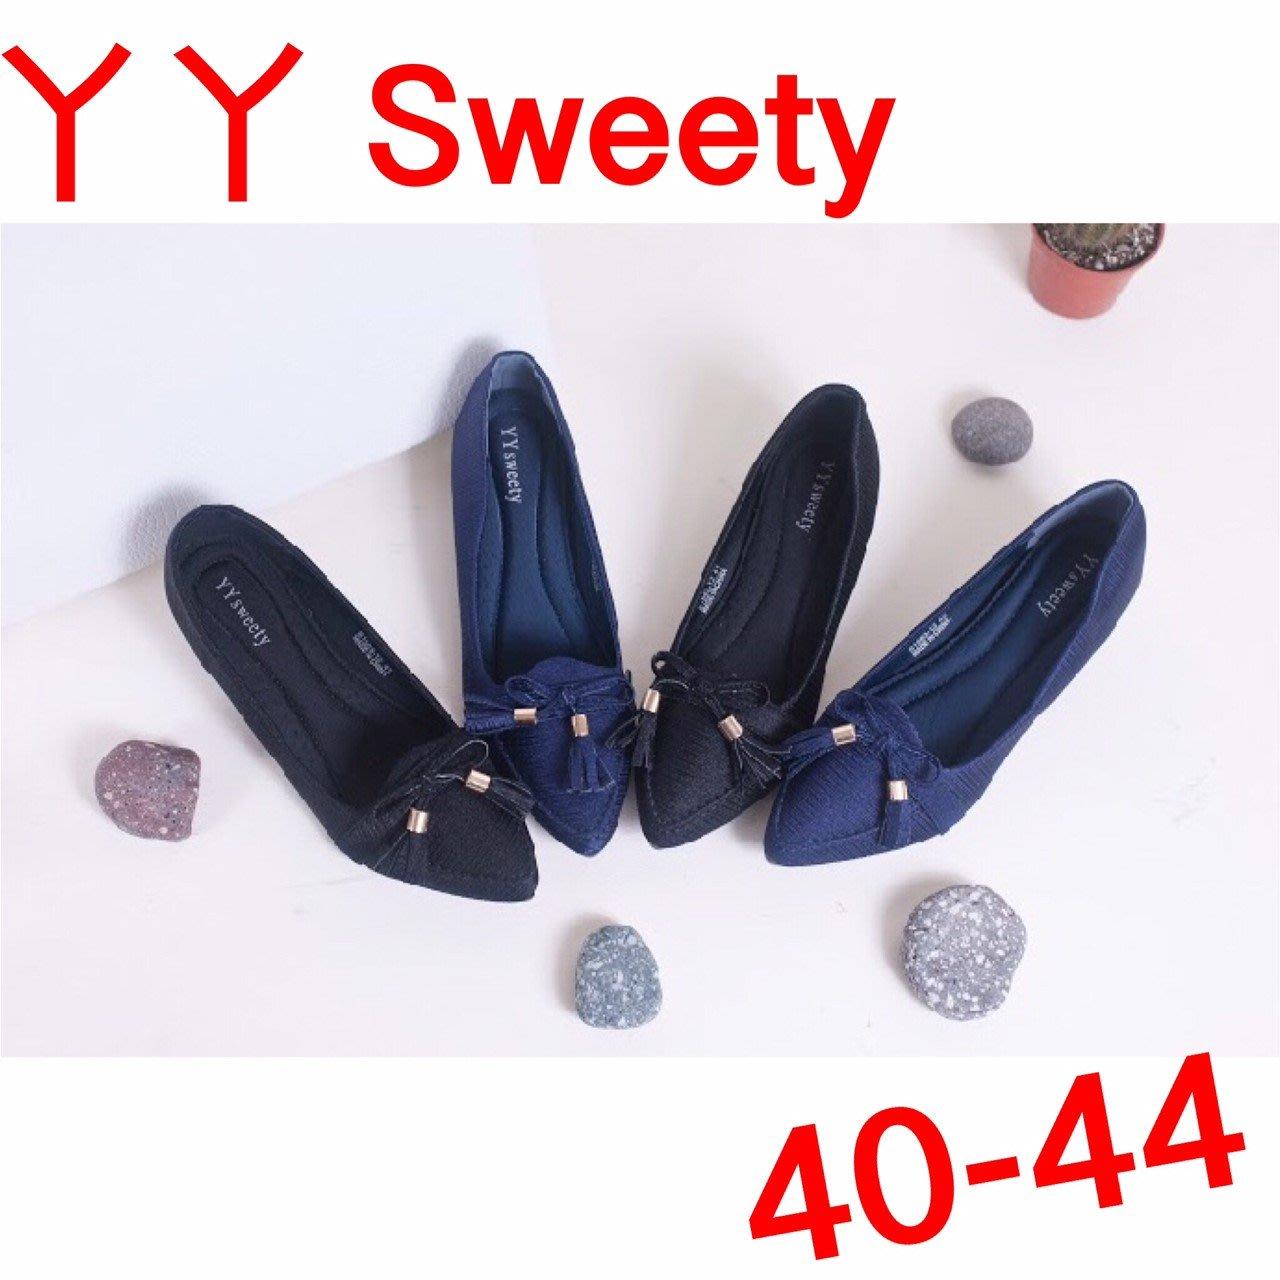 ☆(( 丫 丫 Sweety )) ☆。大尺碼女鞋。造型尖頭低跟鞋40-44(D580)下標時以即時庫存為主